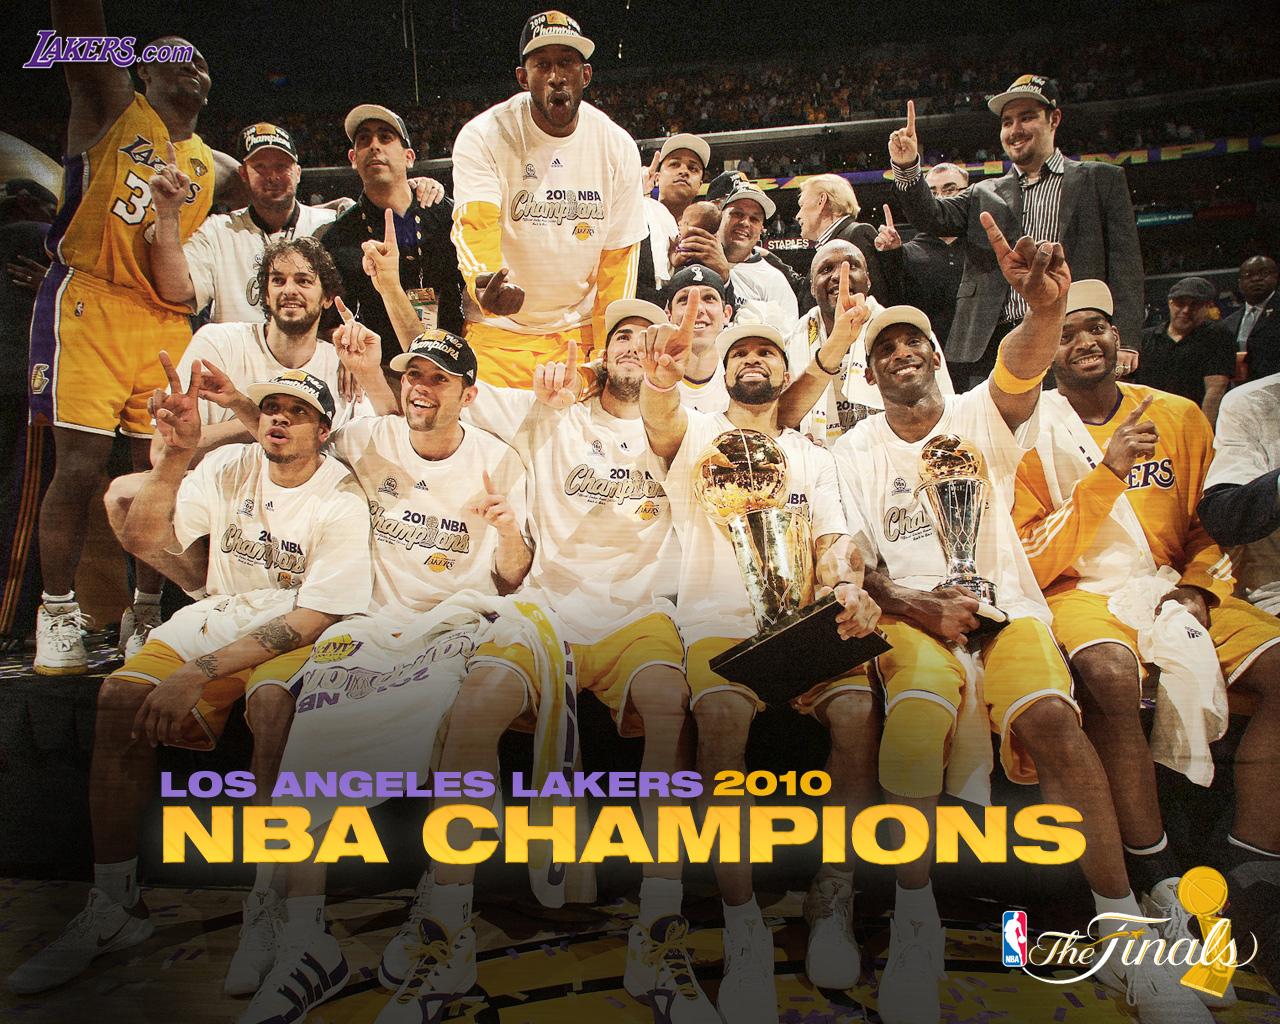 Lakers 2010 Champions wallpaper.jpg (1 comment) Hi-Res 1080p HD